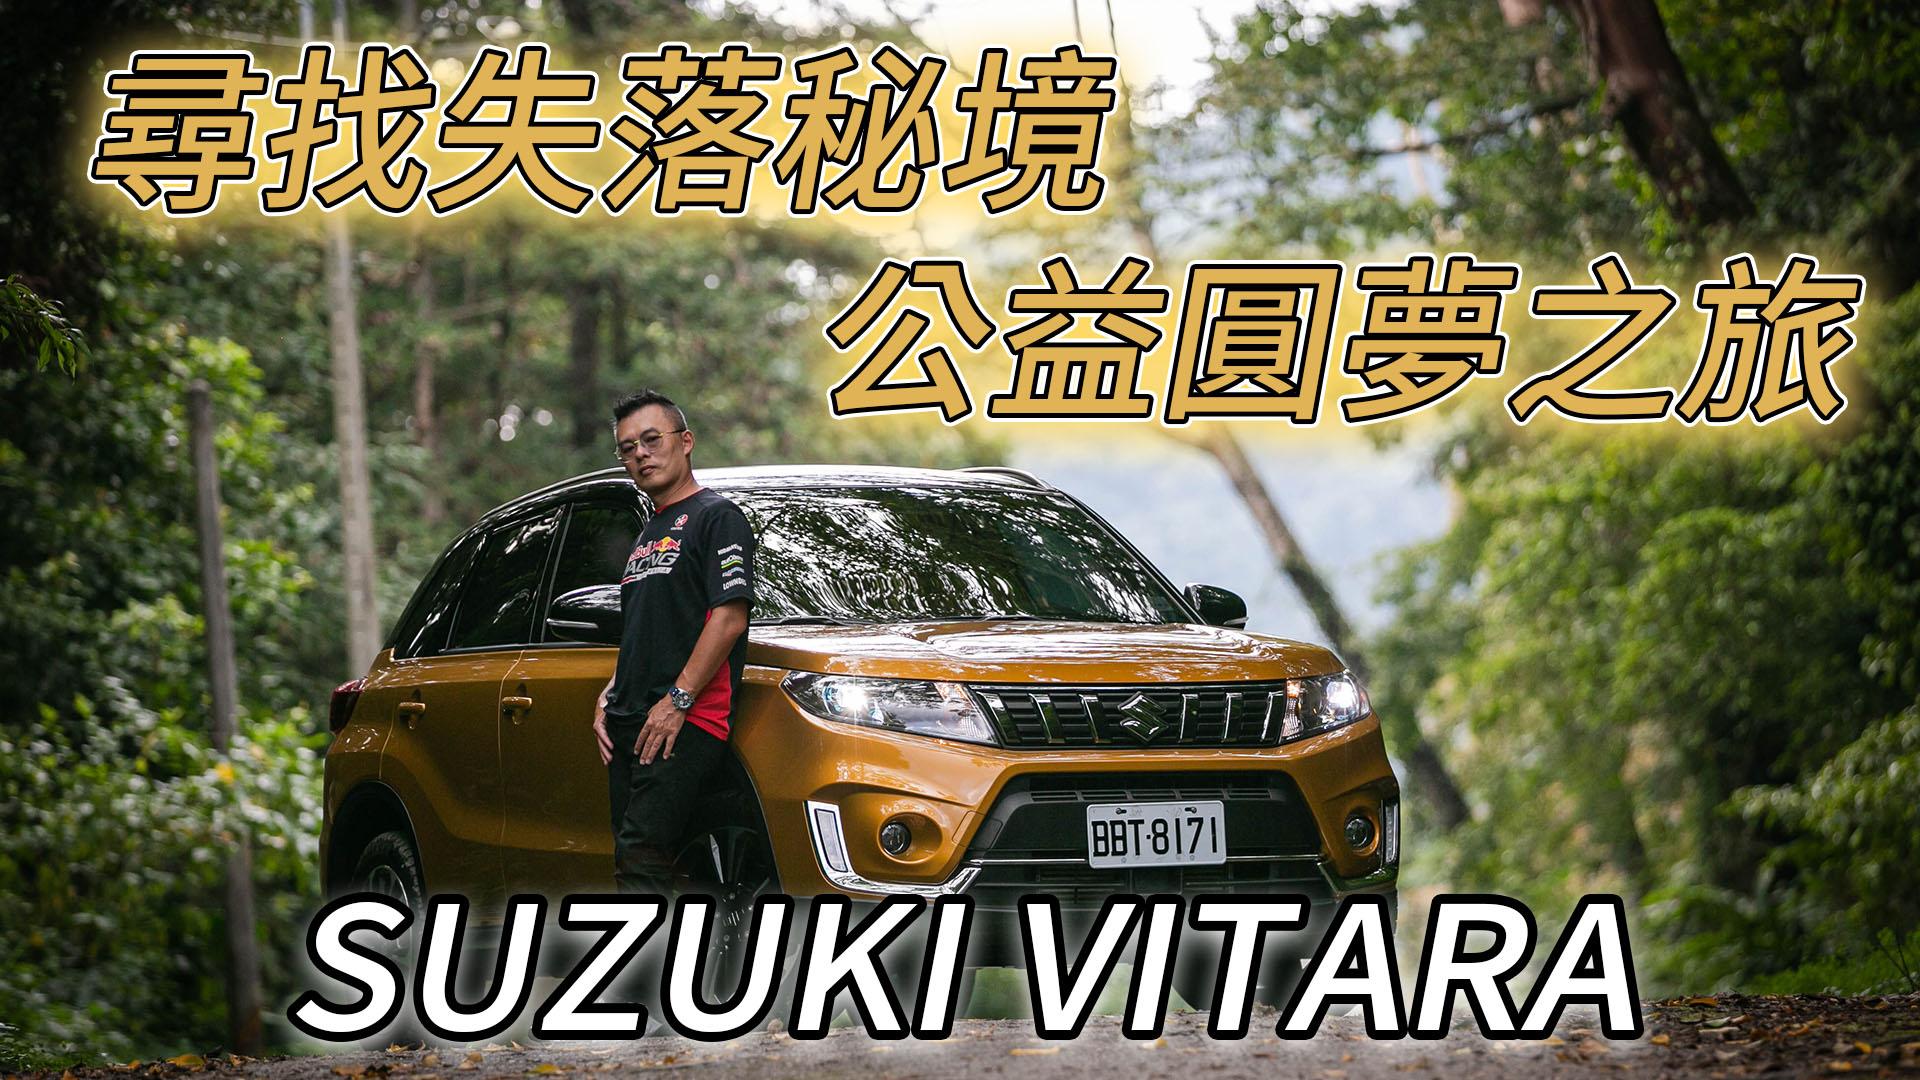 【特別企劃】公益圓夢之旅 尋找失落秘境 Ft.SUZUKI VITARA